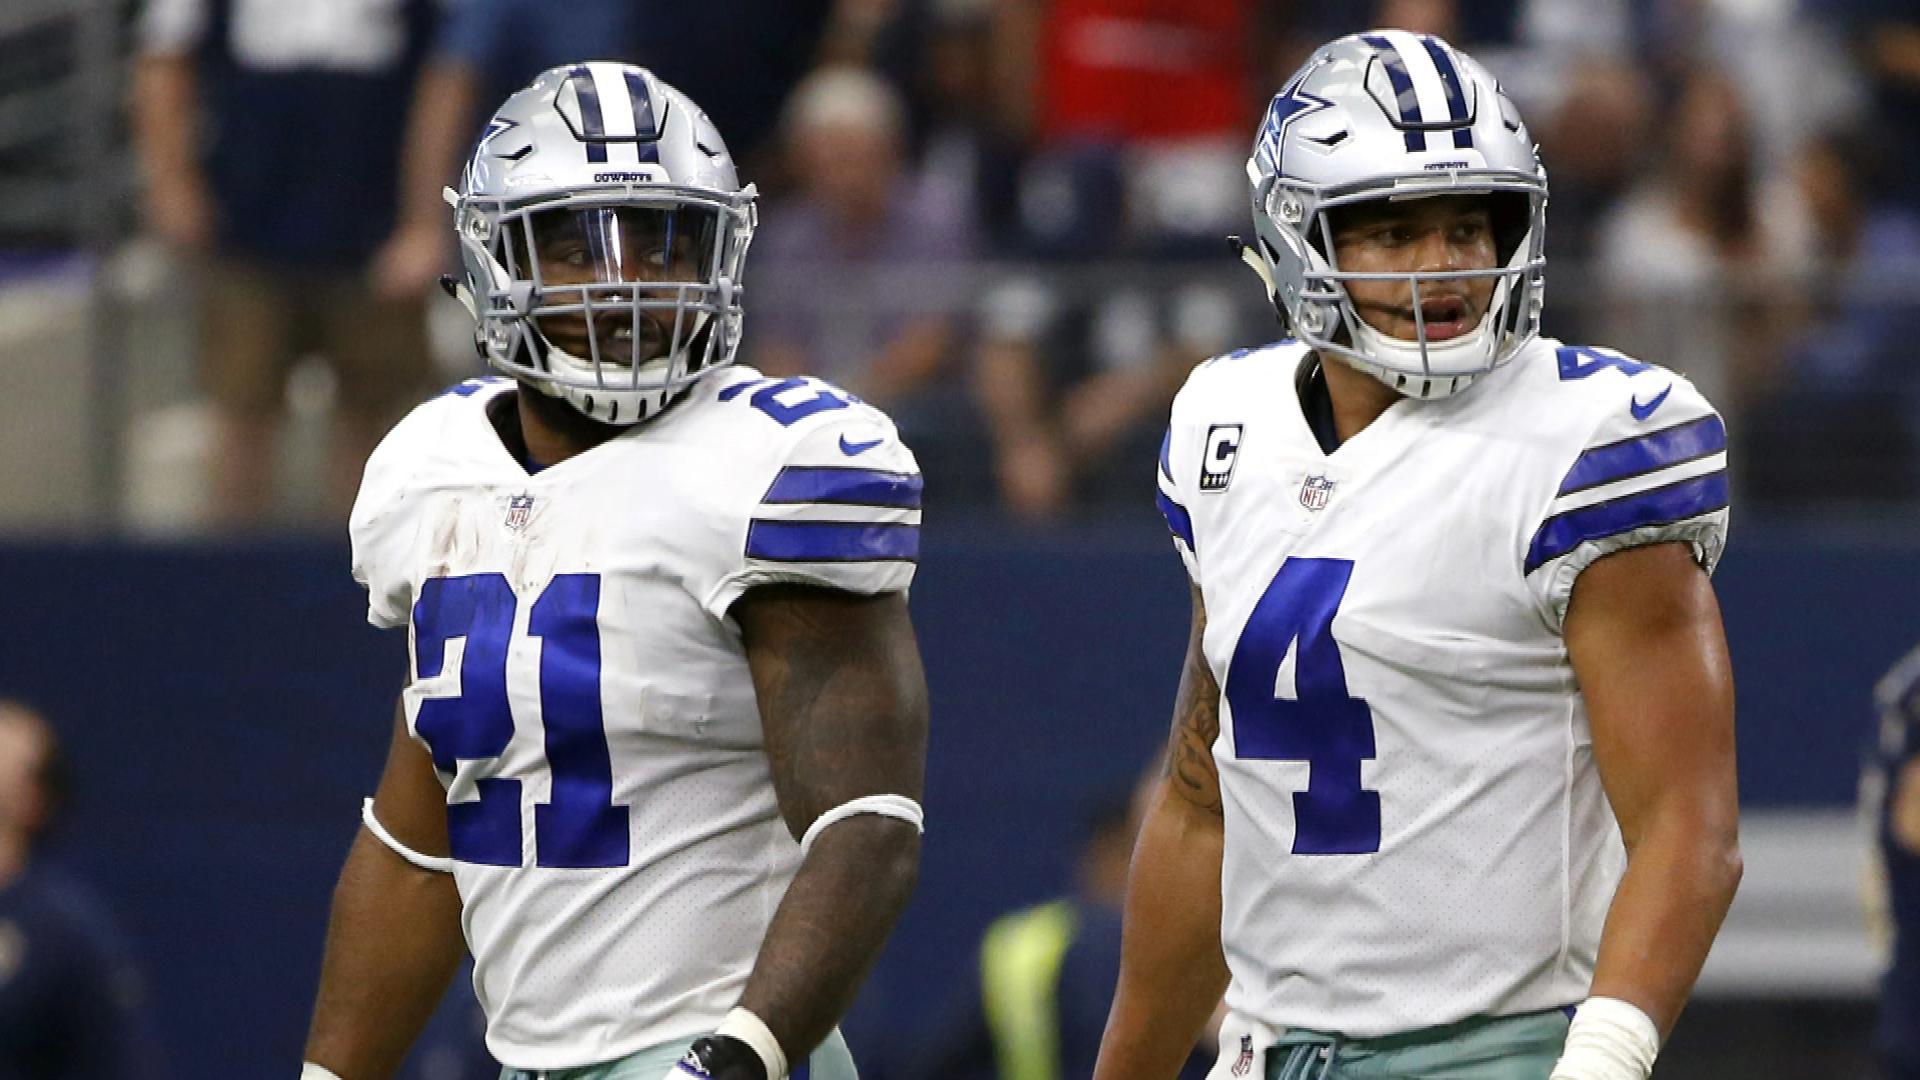 Dallas Cowboys failing to replicate 'Patriot Way'